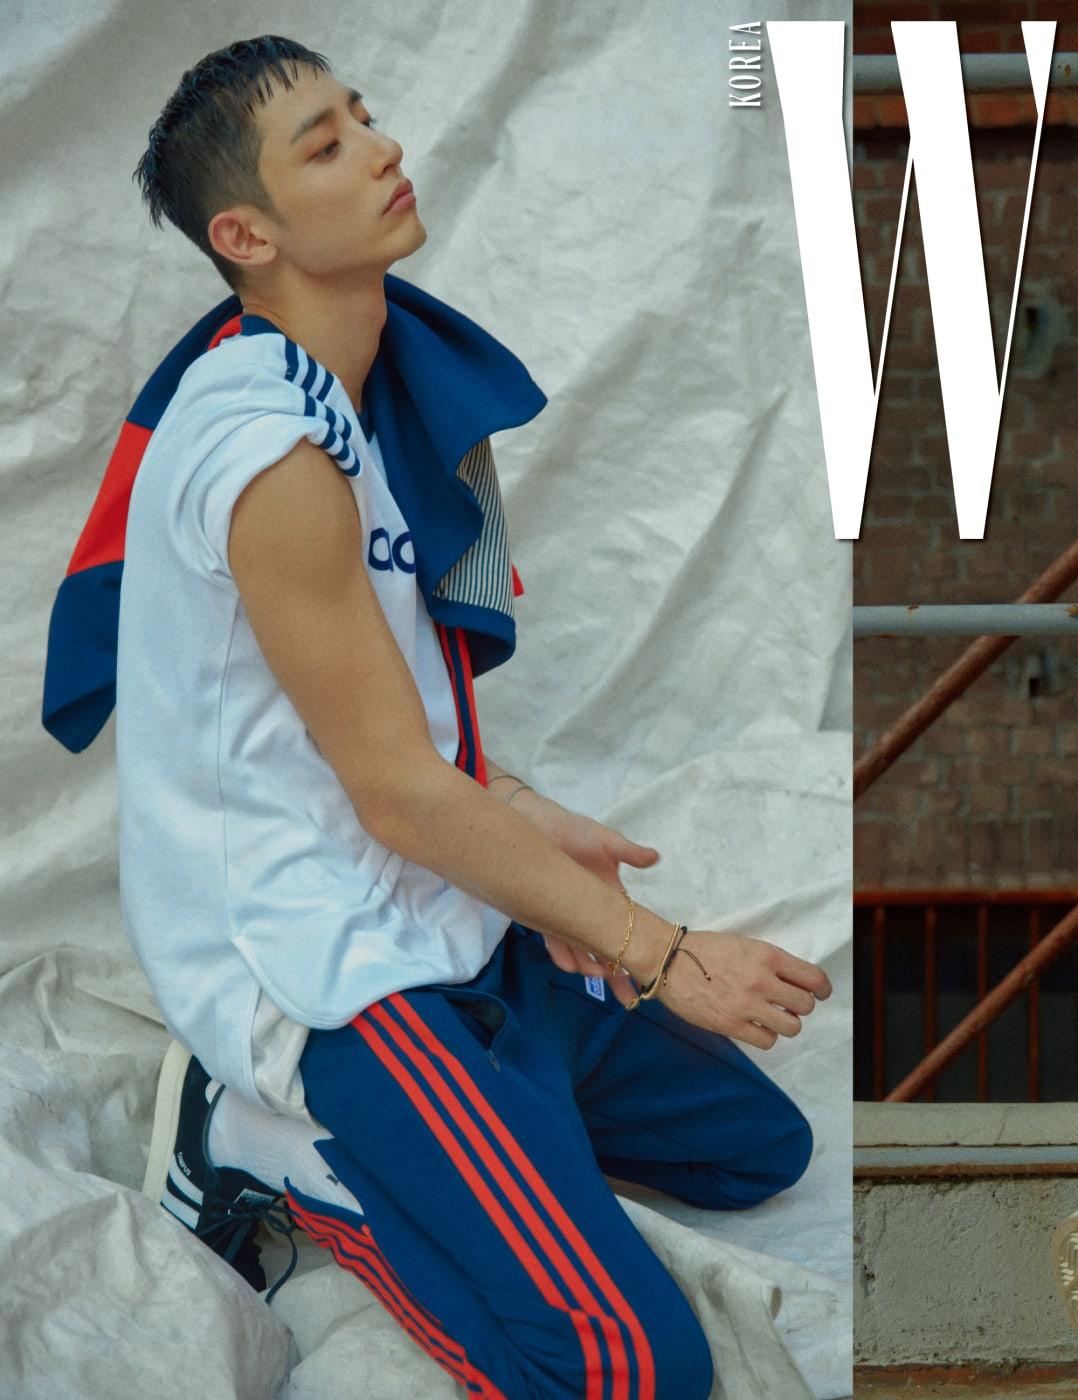 로고 티셔츠, 트랙 재킷, 트랙 팬츠, 캠퍼스 스니커즈는 모두 adidas originals 제품.